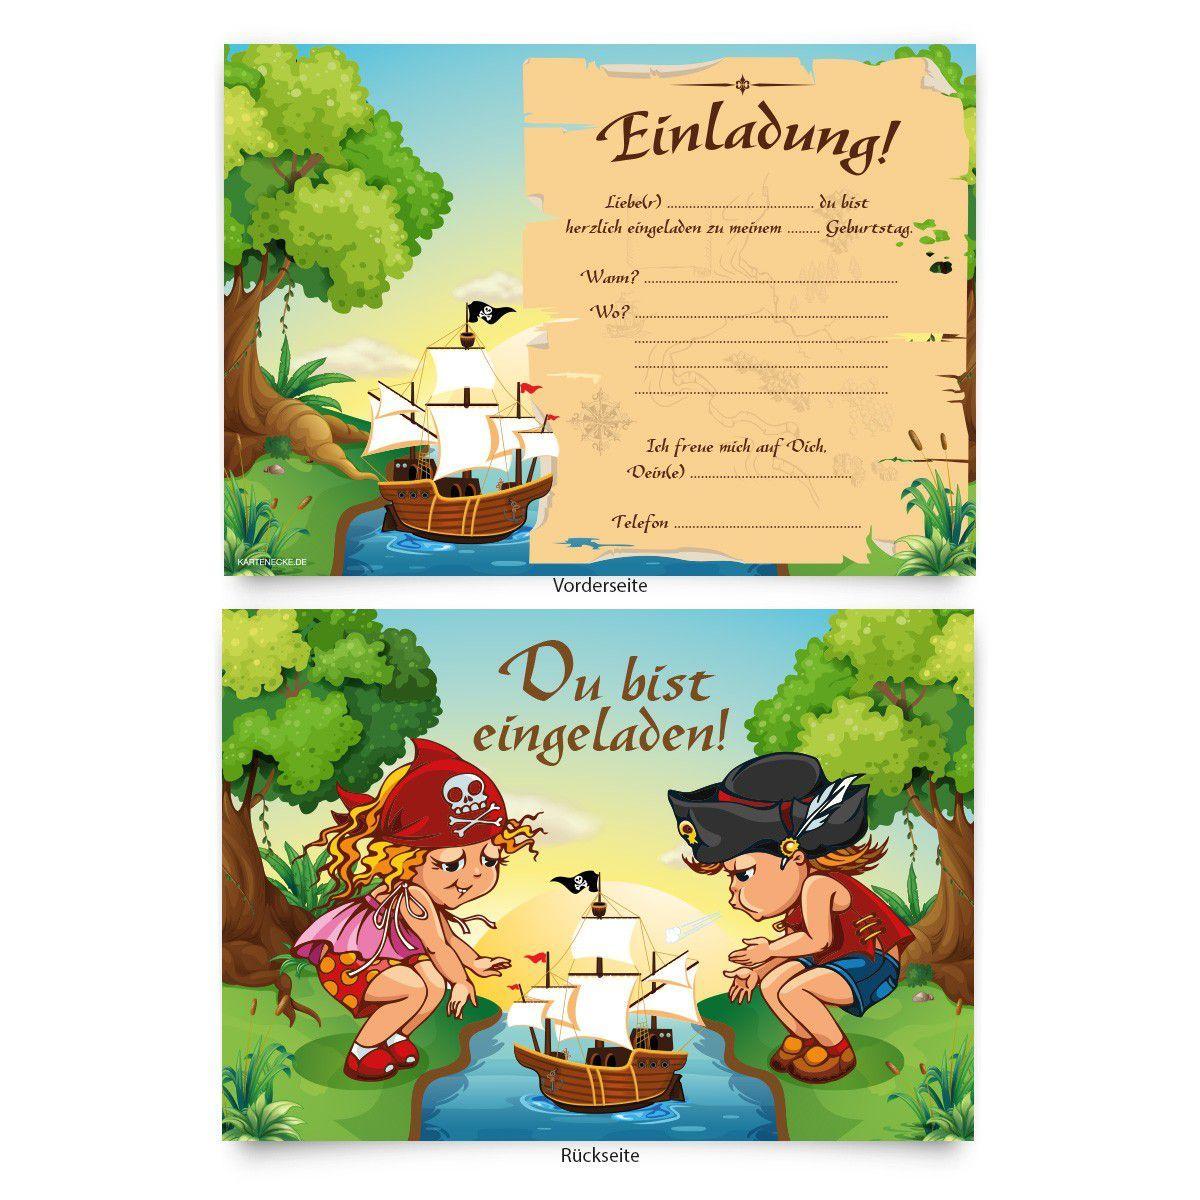 Toll Einladungskarten Kindergeburtstag Online : Einladungskarten  Kindergeburtstag Online Ausdrucken   Kindergeburtstag Einladung   Kindergeburtstag  Einladung